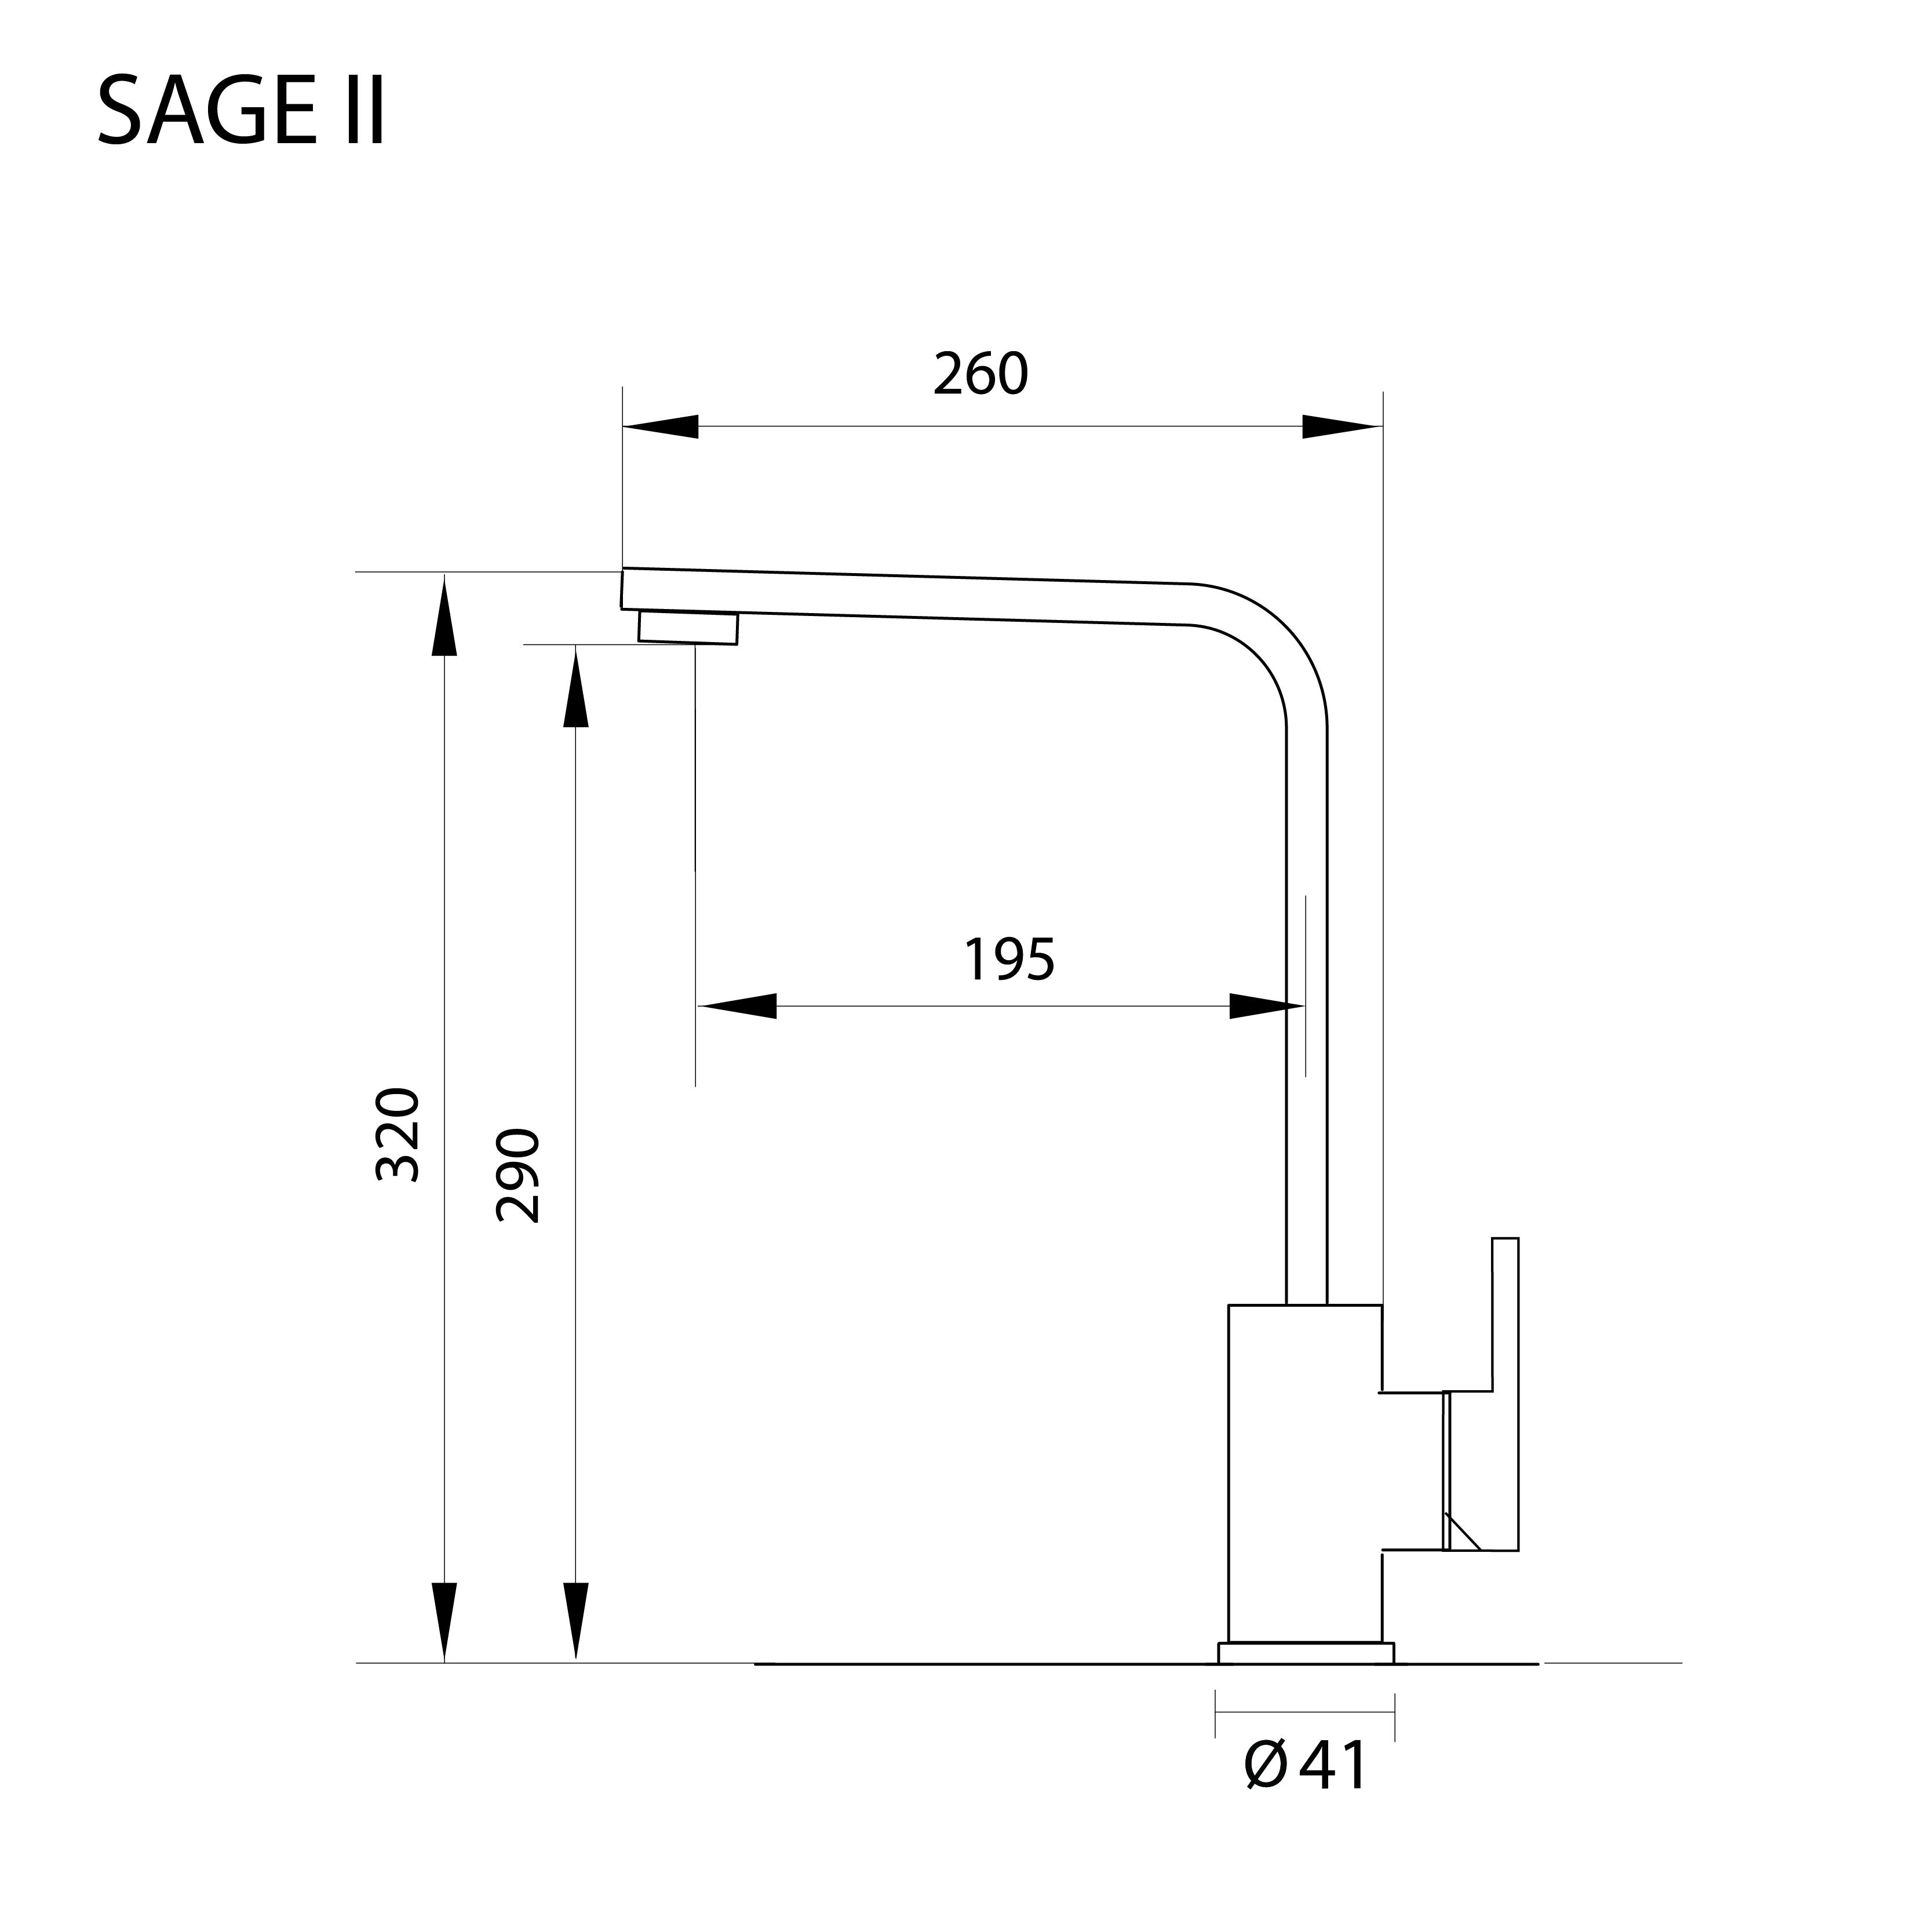 ก๊อกน้ำอ่างล้างจาน ก๊อกน้ำสแตนเลส ก๊อกน้ำ 2 ทาง SAGE II